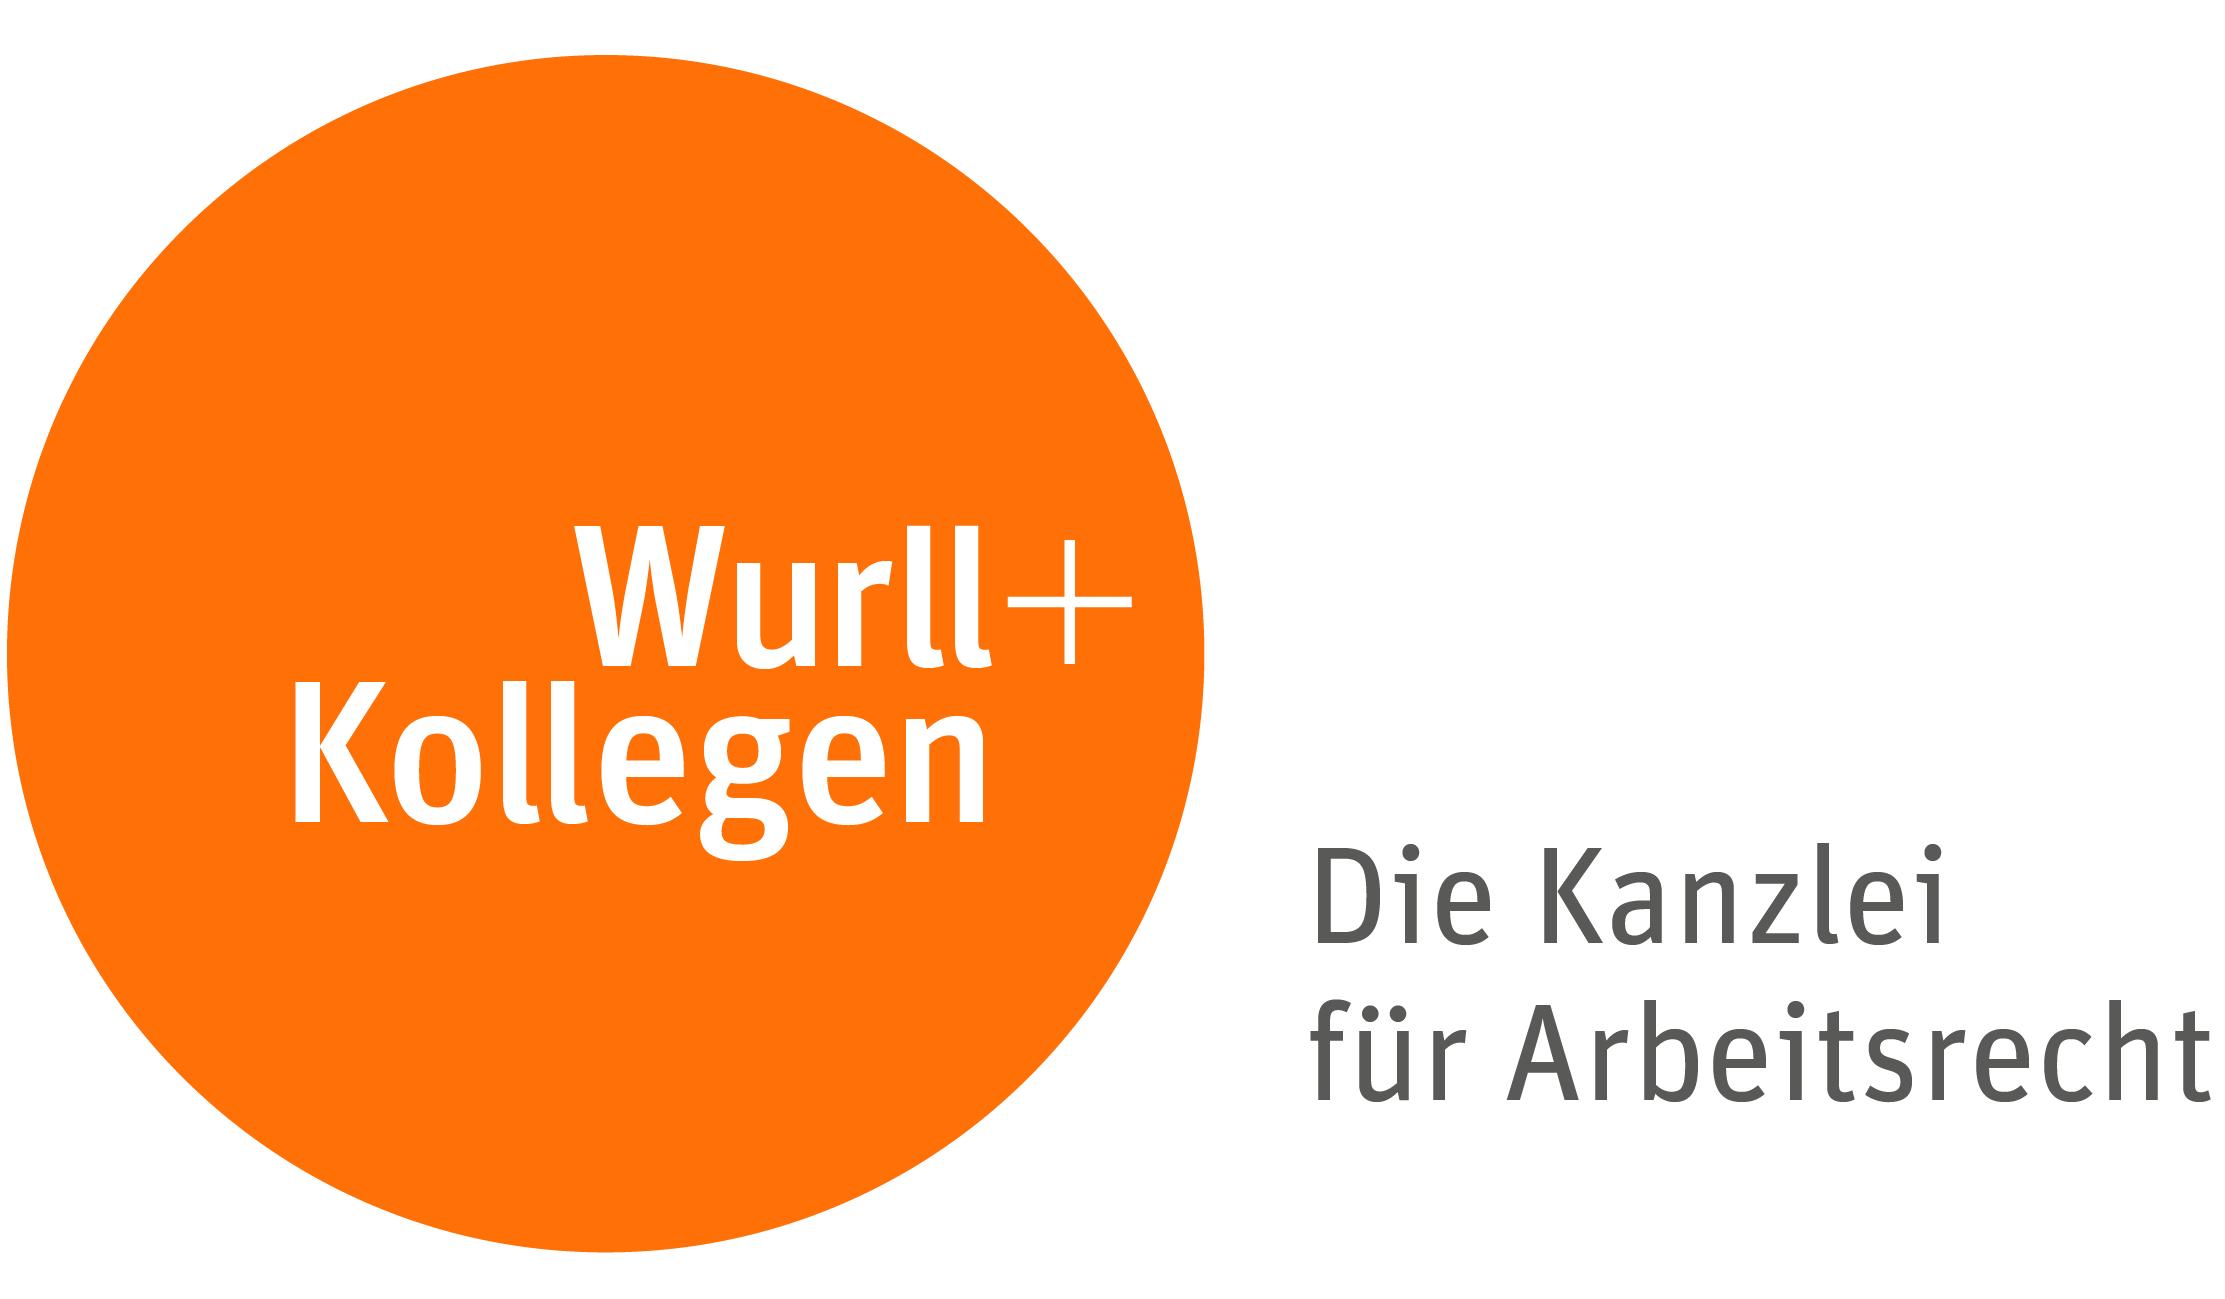 Wurll + Kollegen